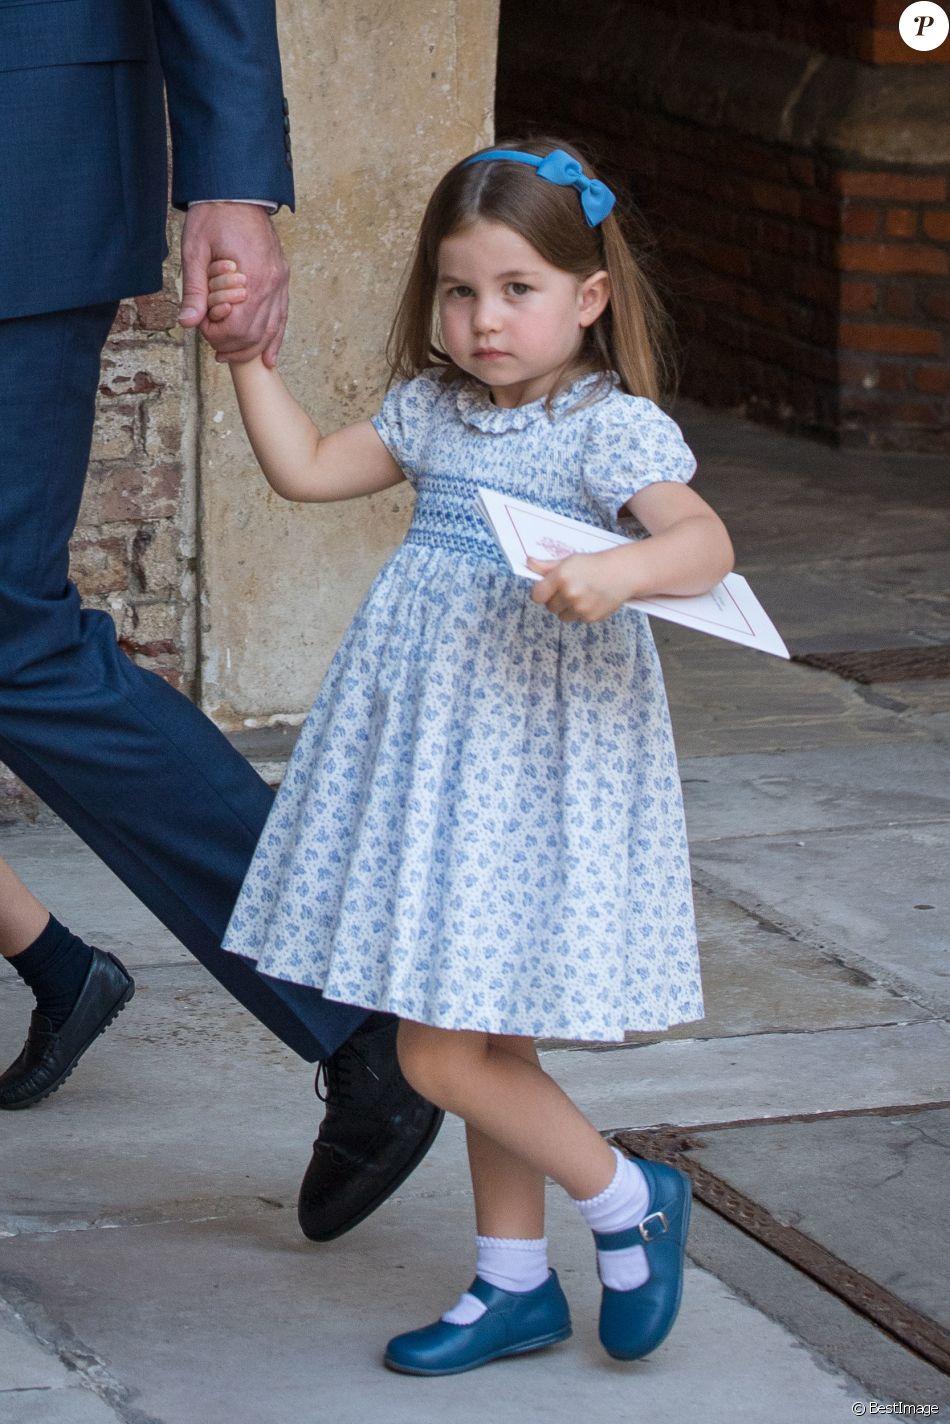 """La princesse Charlotte de Cambridge à la sortie du baptême de son frère le prince Louis de Cambridge, troisième enfant du prince William et de la duchesse Catherine, le 9 juillet 2018 en la chapelle royale du palais St James à Londres. La demoiselle de 3 ans n'a pas hésité à casser les photographes, leur rappelant qu'ils n'étaient """"pas invités"""" à la tea party qui a suivi !"""